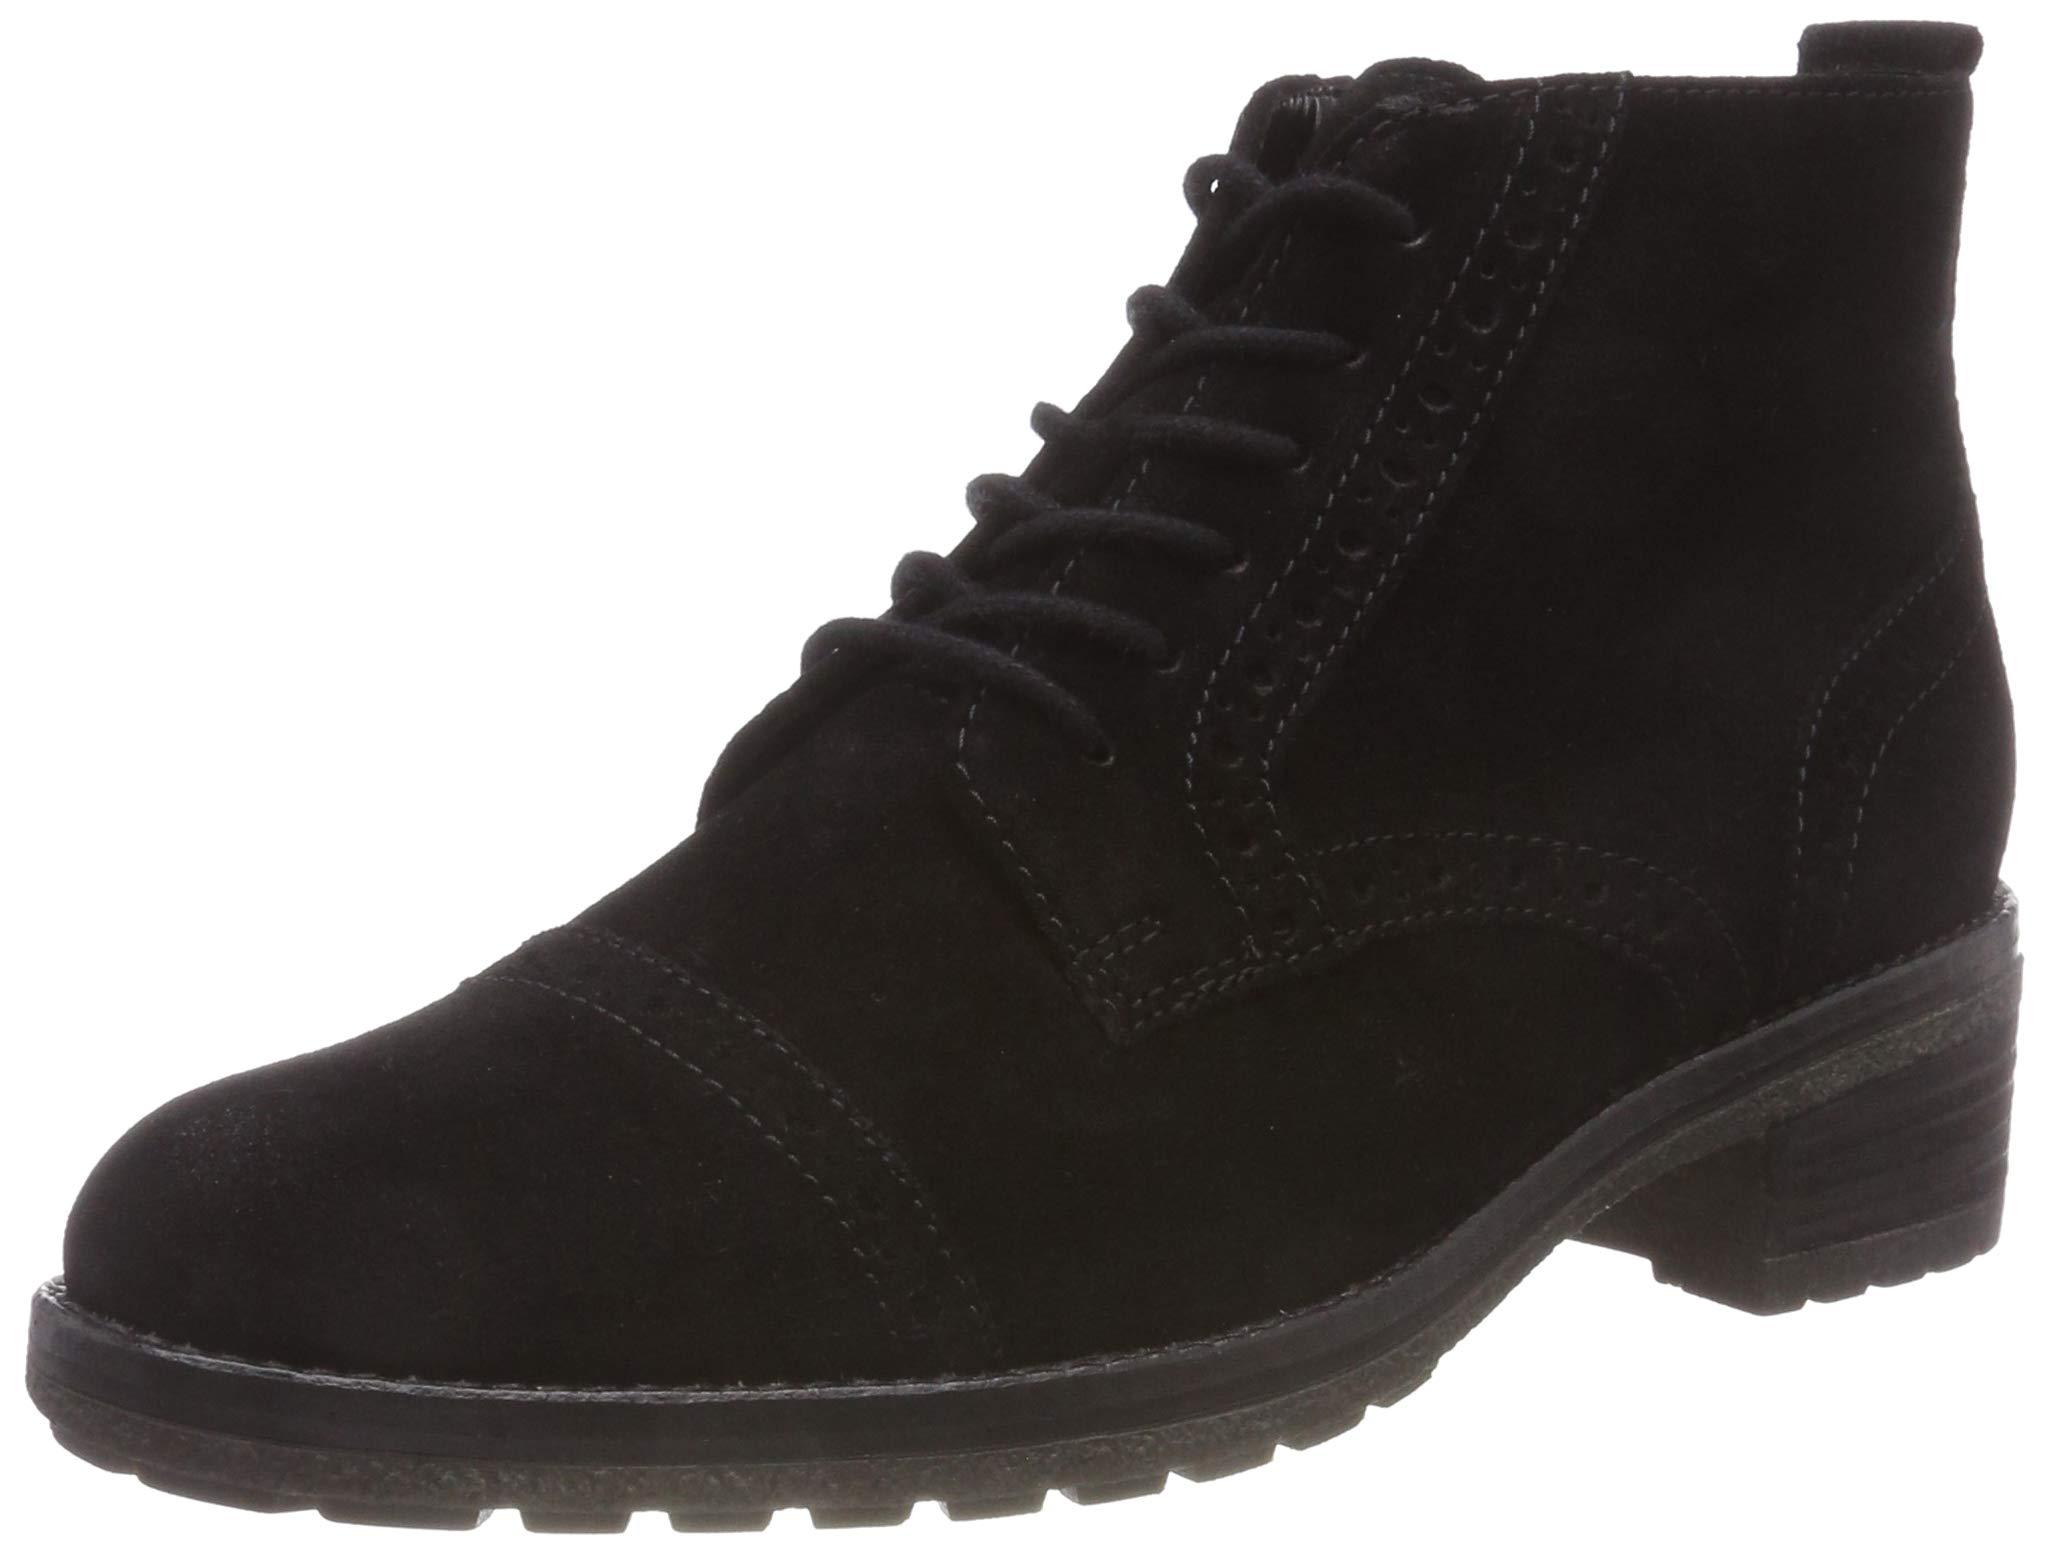 Gabor Shoes FemmeNoirschwarzanthrazit8038 Eu FashionBotines CxeWQdBro